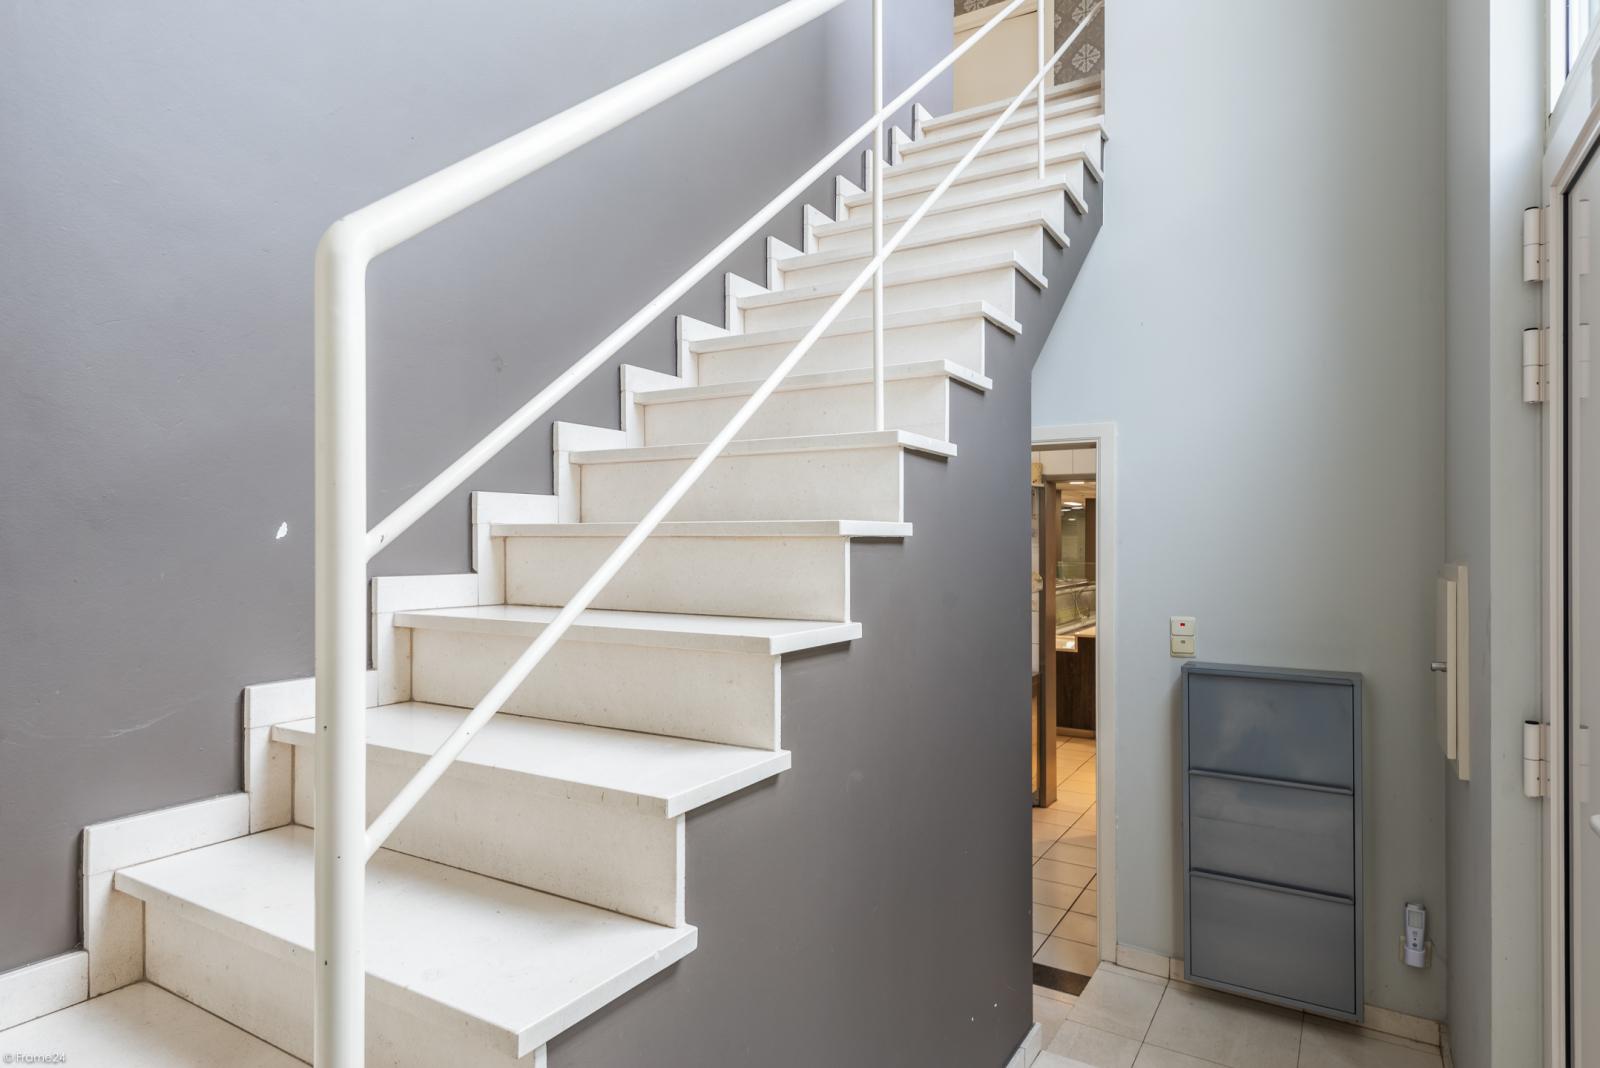 Riant eigendom bestaande uit een handelsgelijkvloers en duplex-appartement op een zeer centrale locatie te Kapellen! afbeelding 9